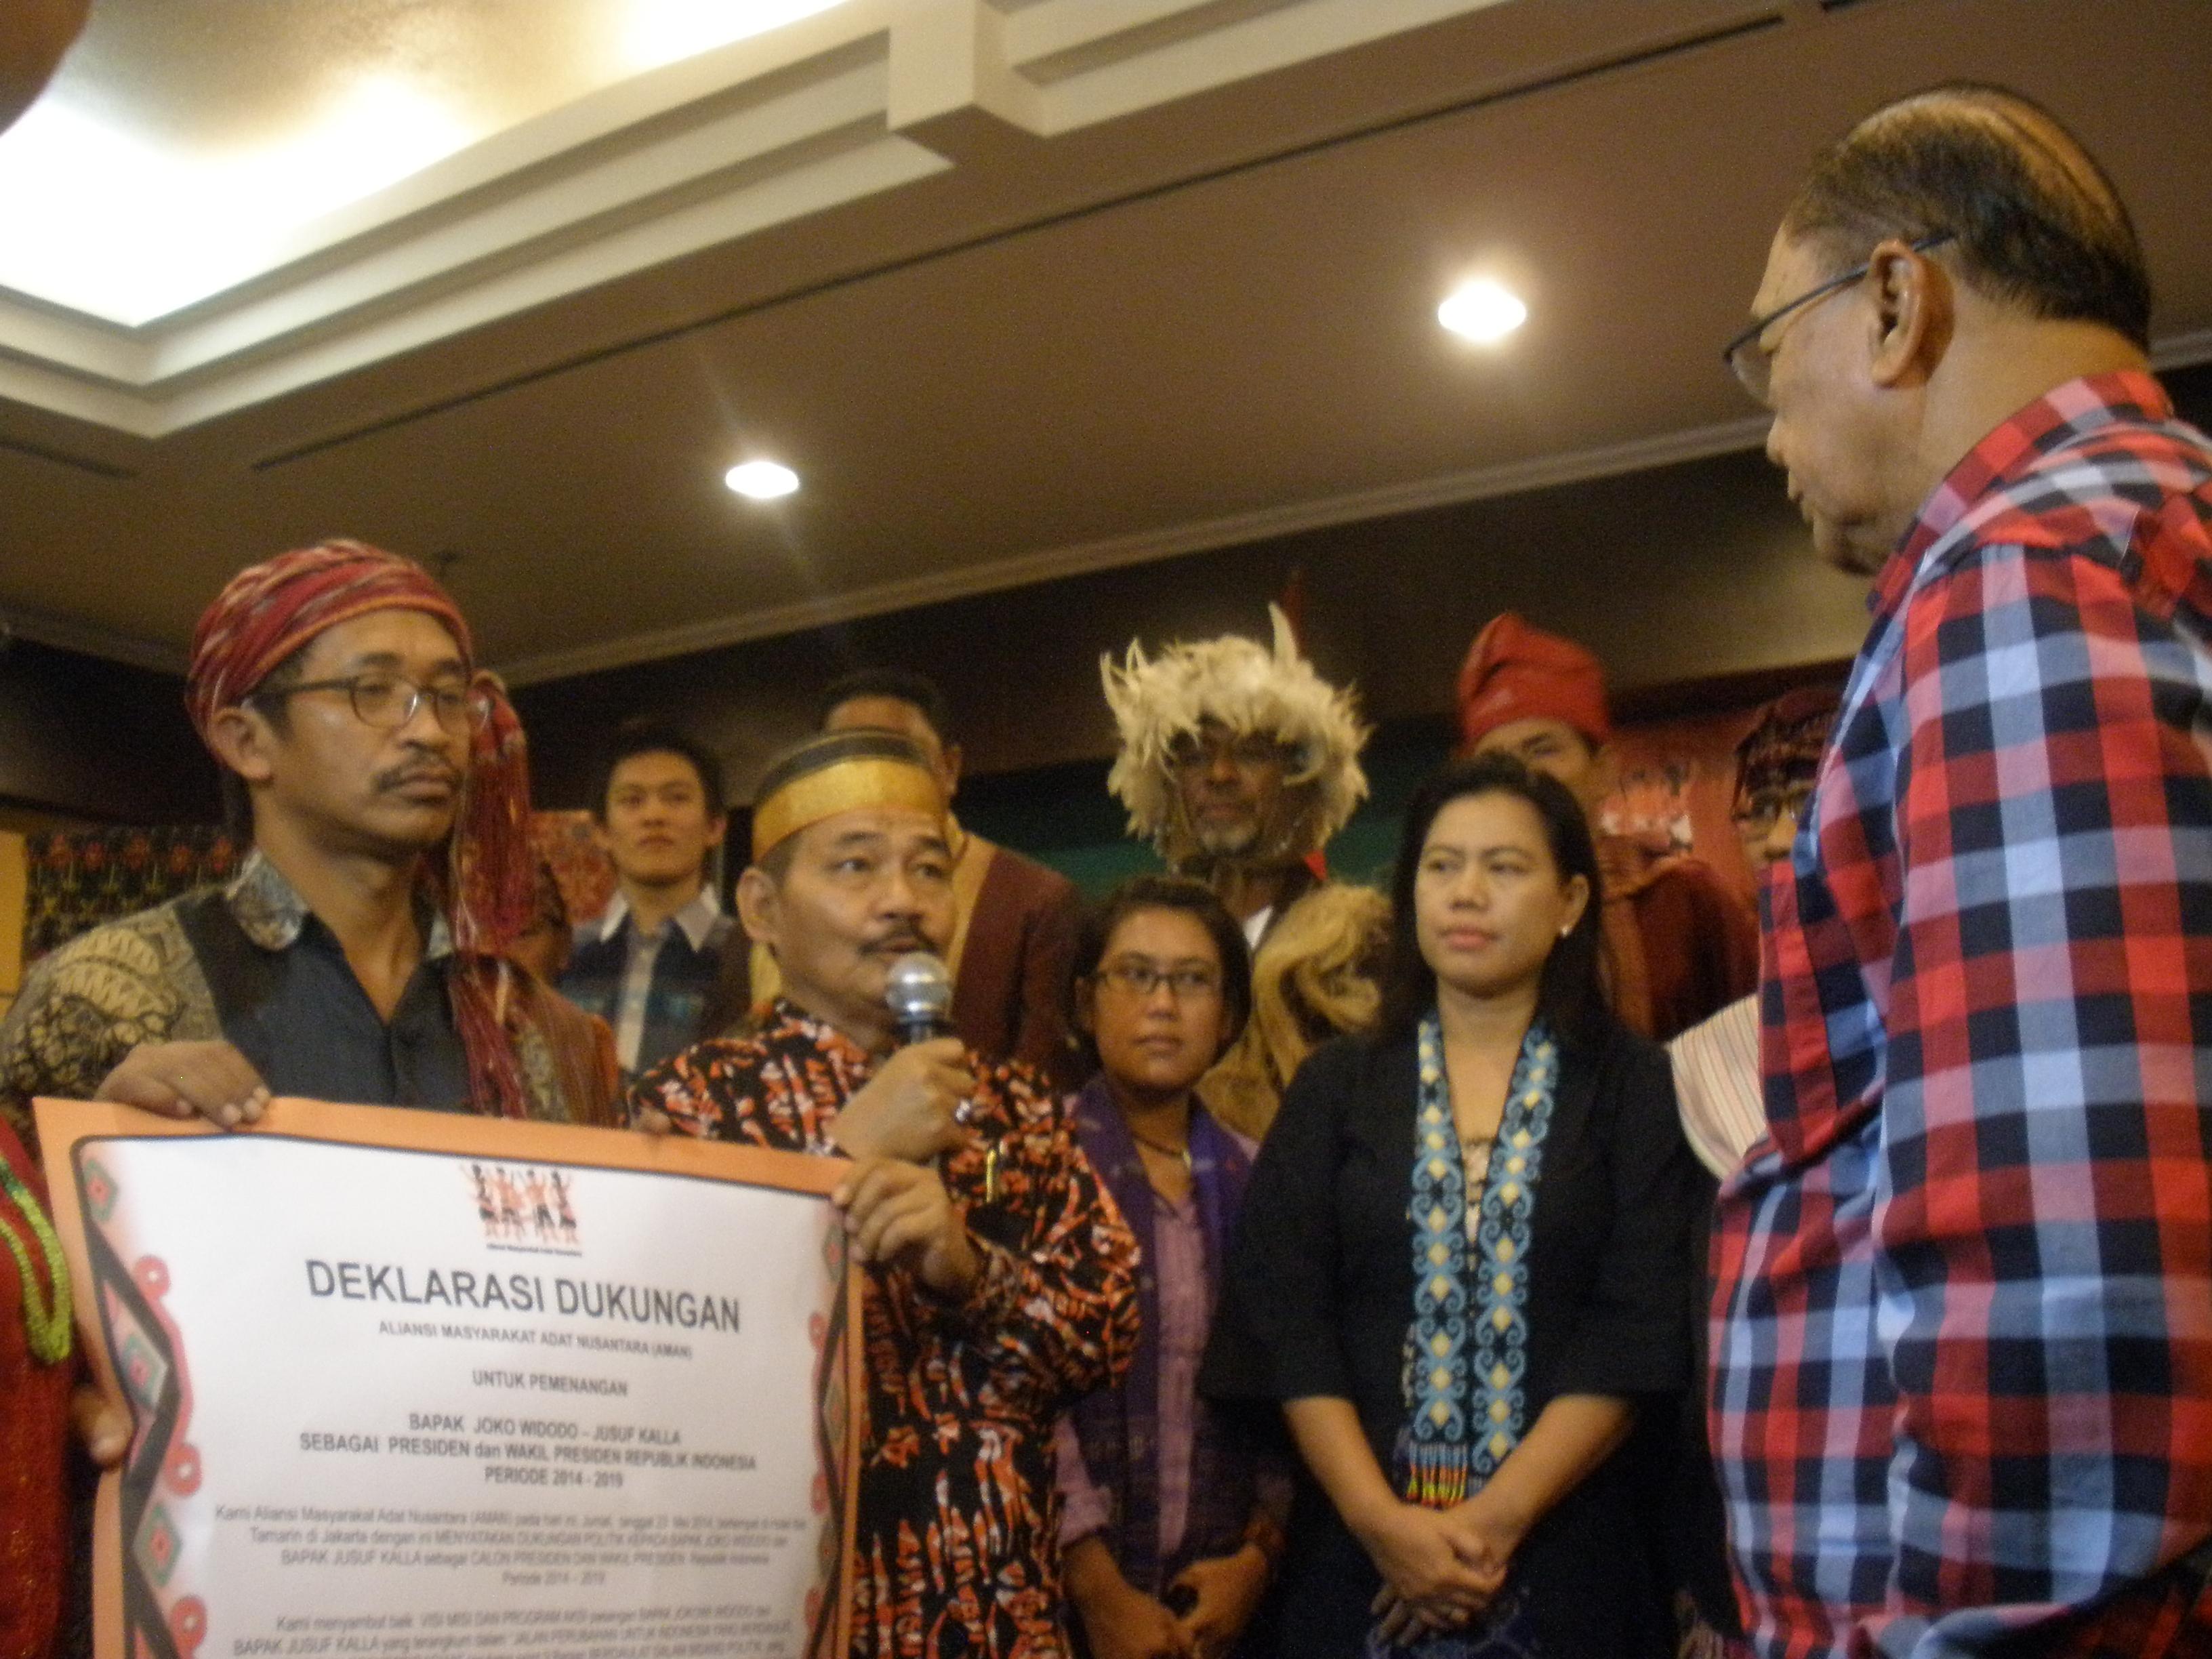 Suara Aliansi Masyarakat Adat Nusantara (AMAN) Untuk Jokowi-JK